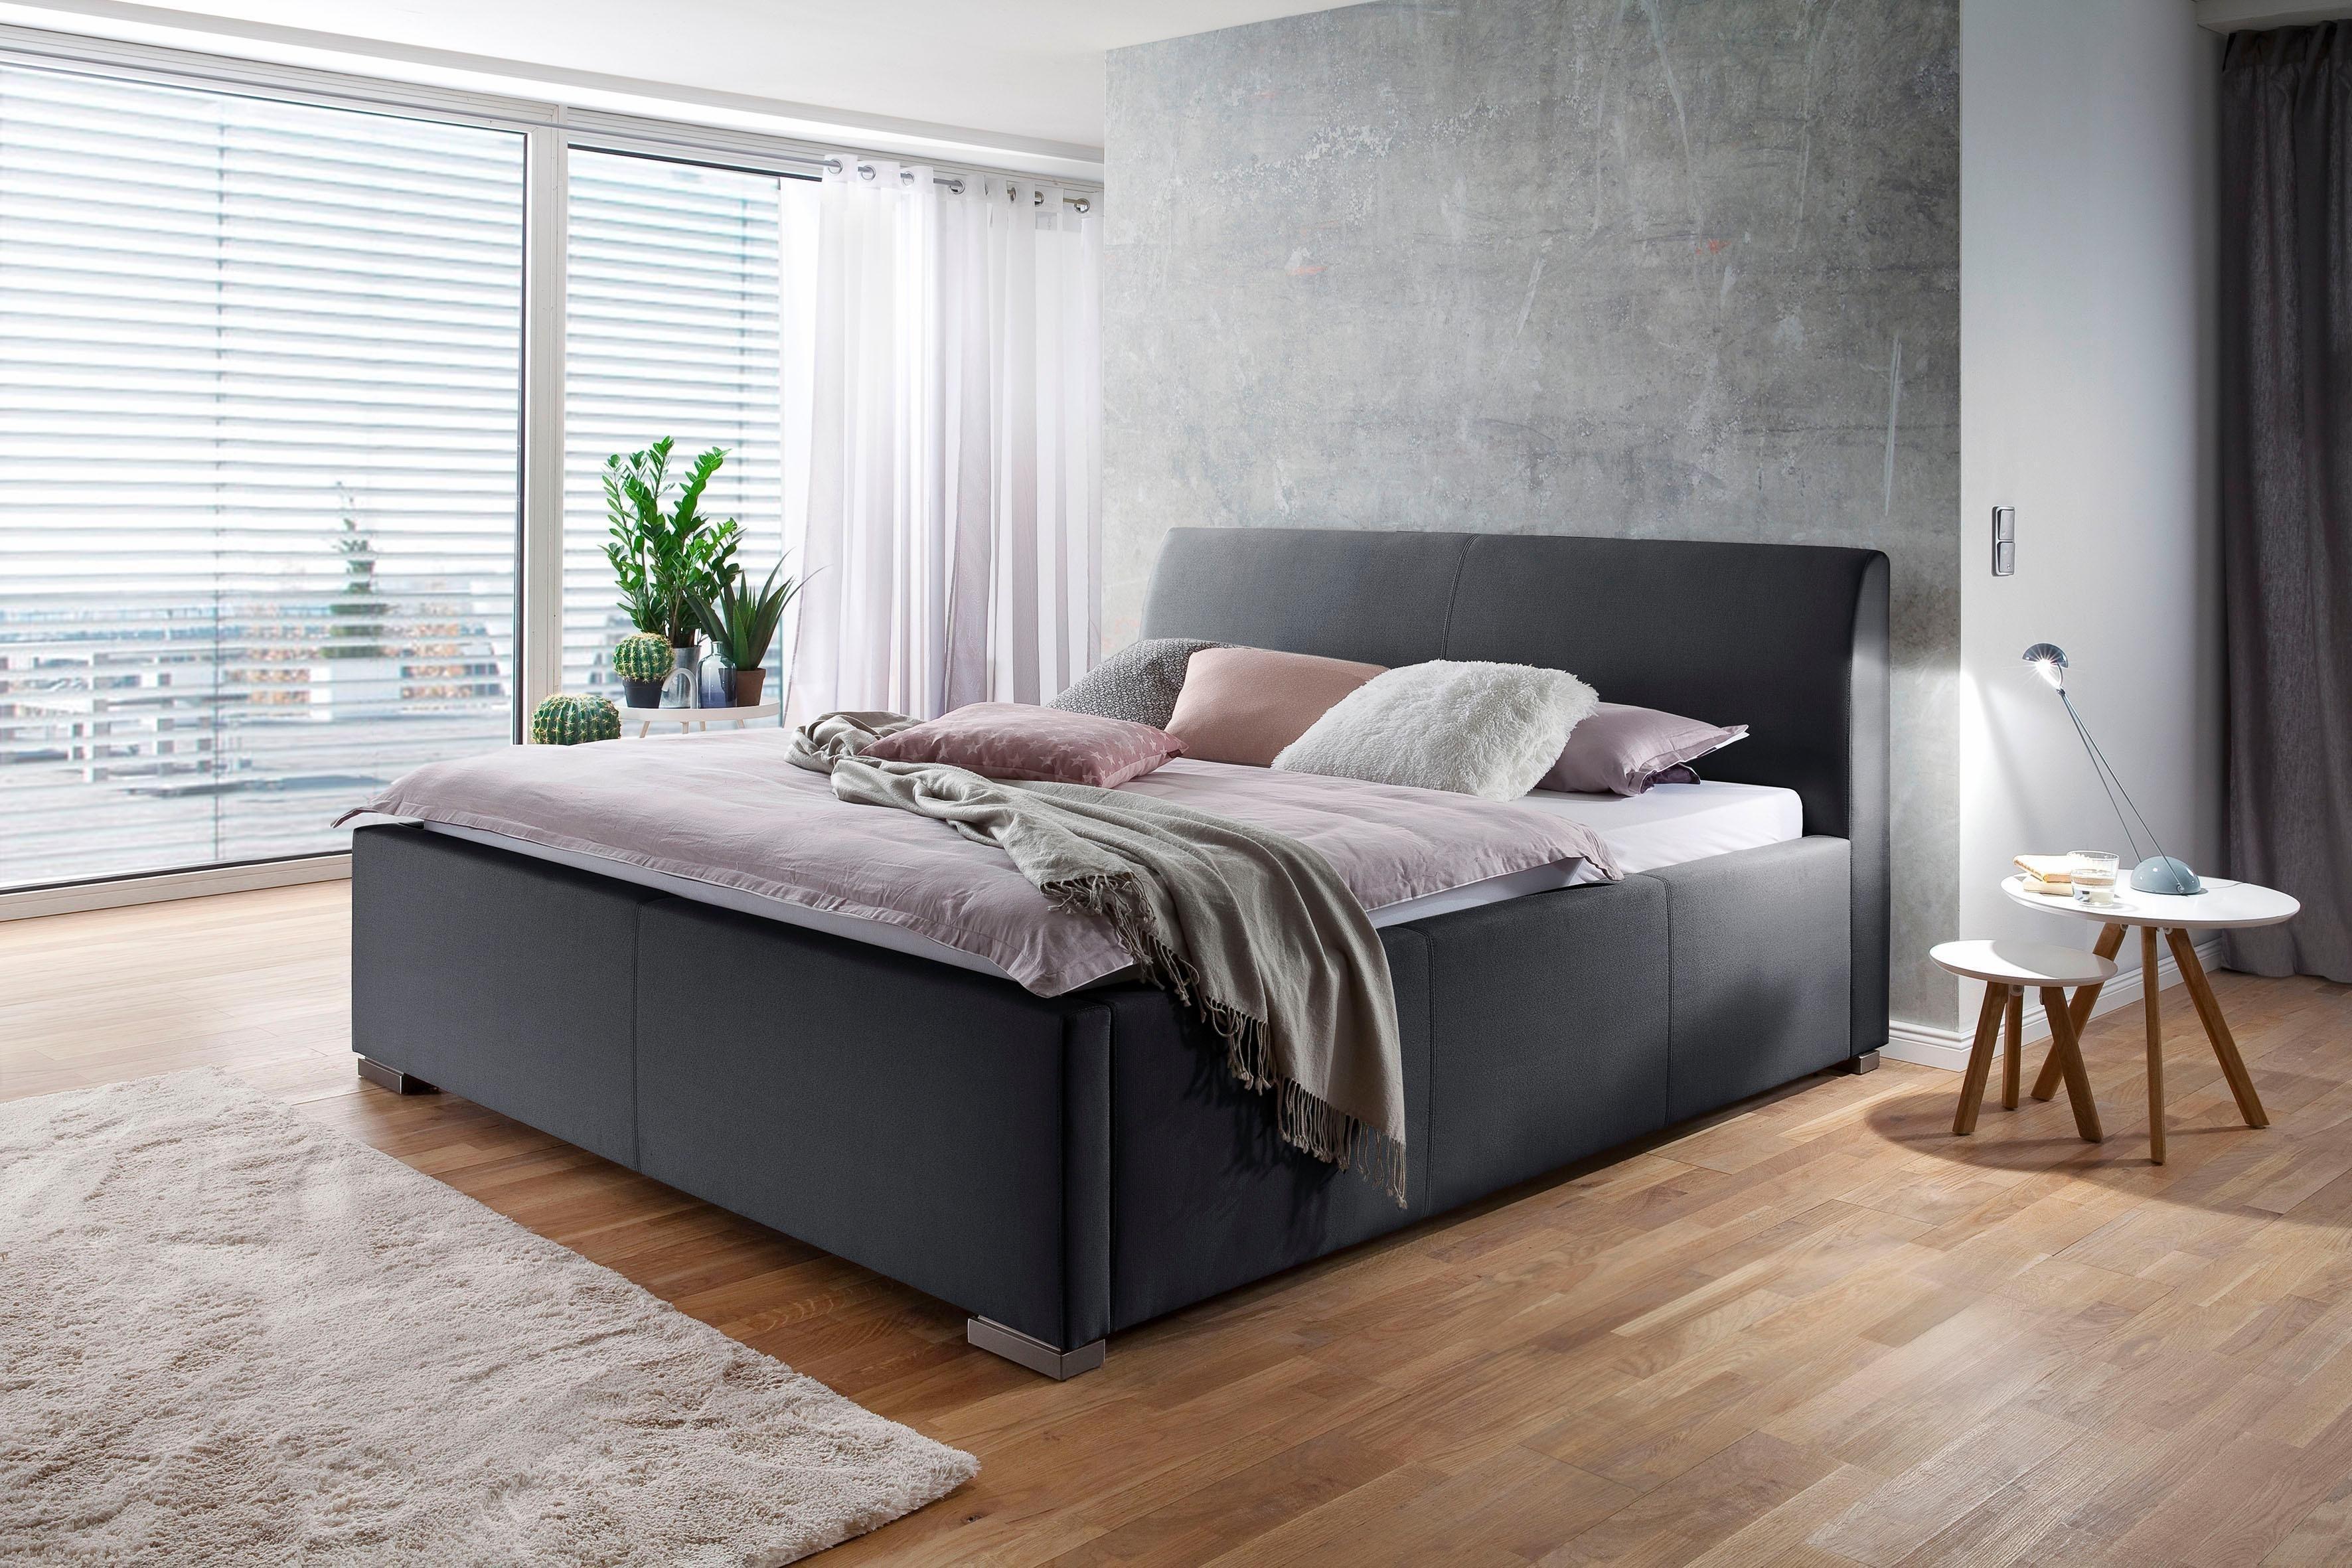 Betten 120x200 Dänisches Bettenlager